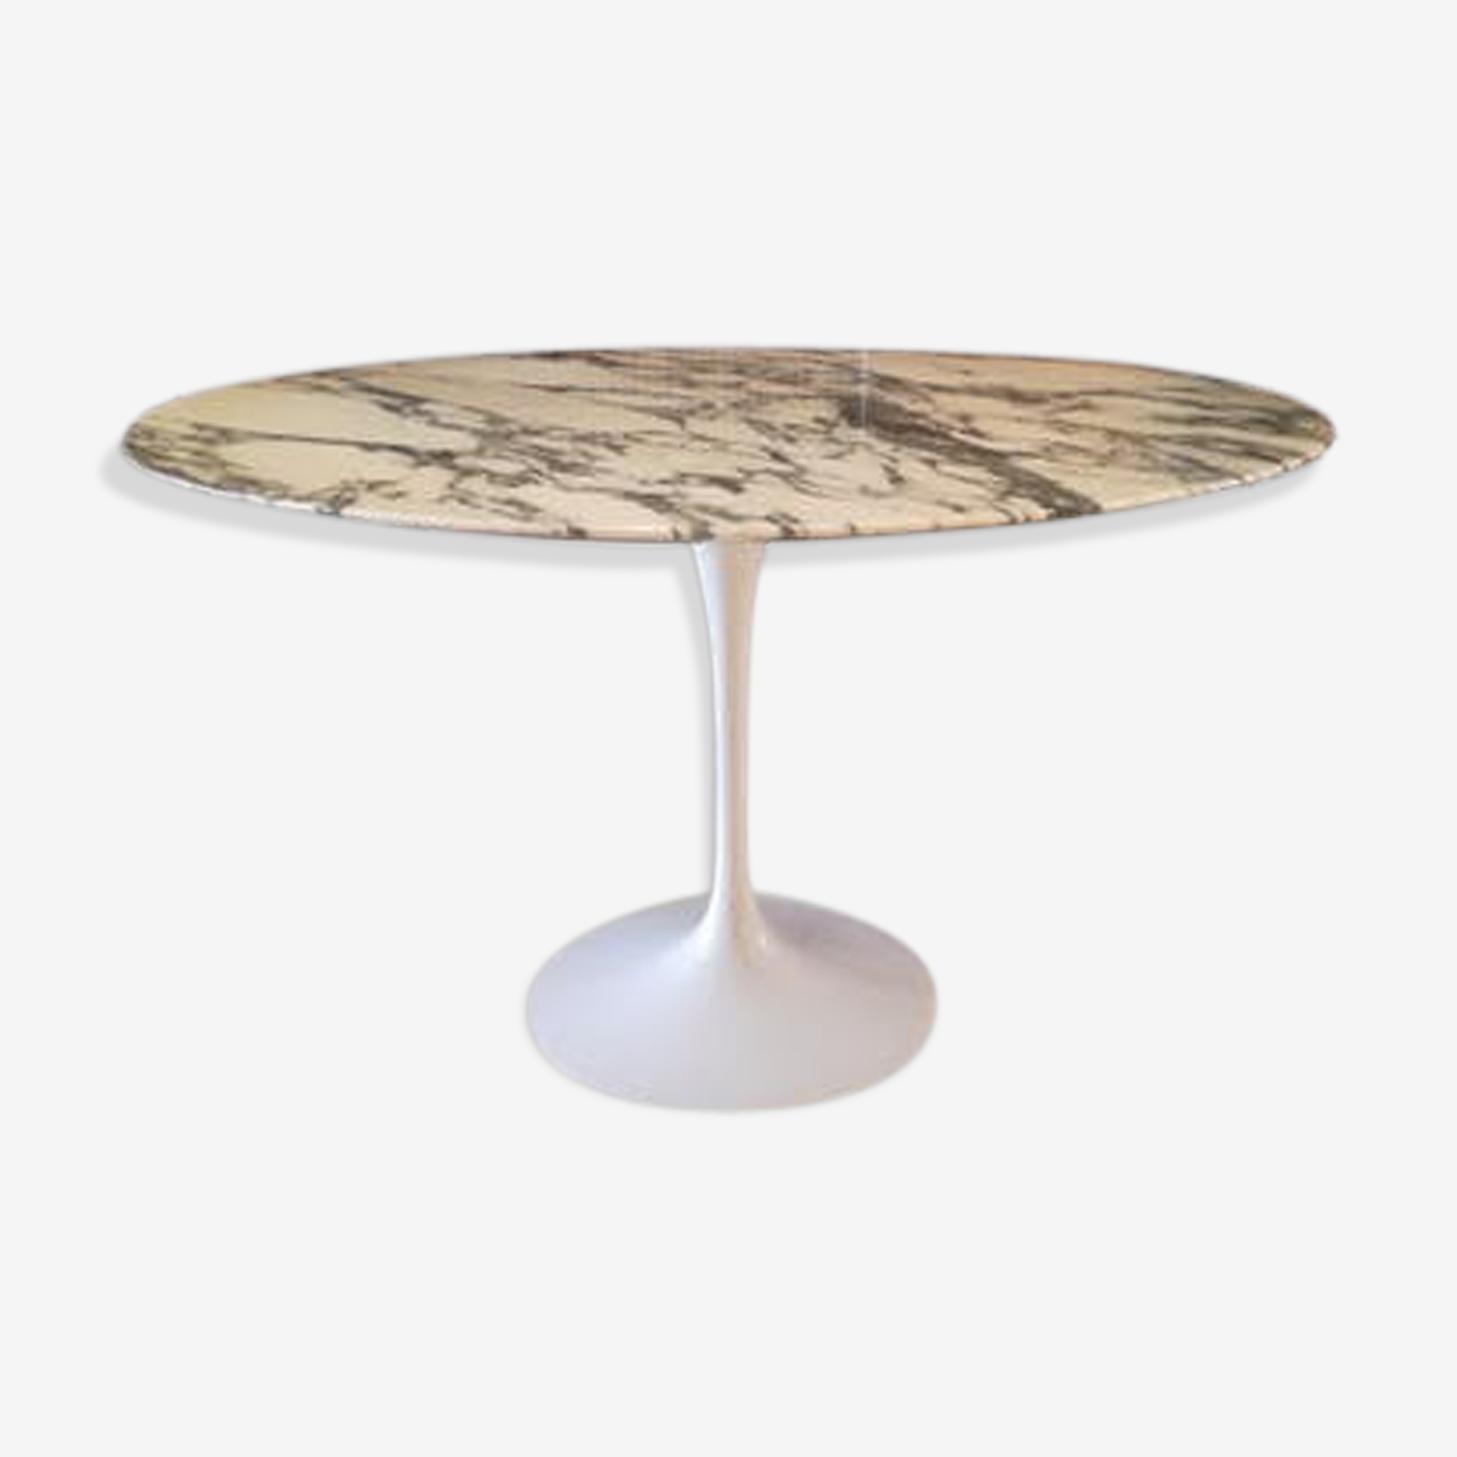 Table tulip Knoll by Eero Saarinen